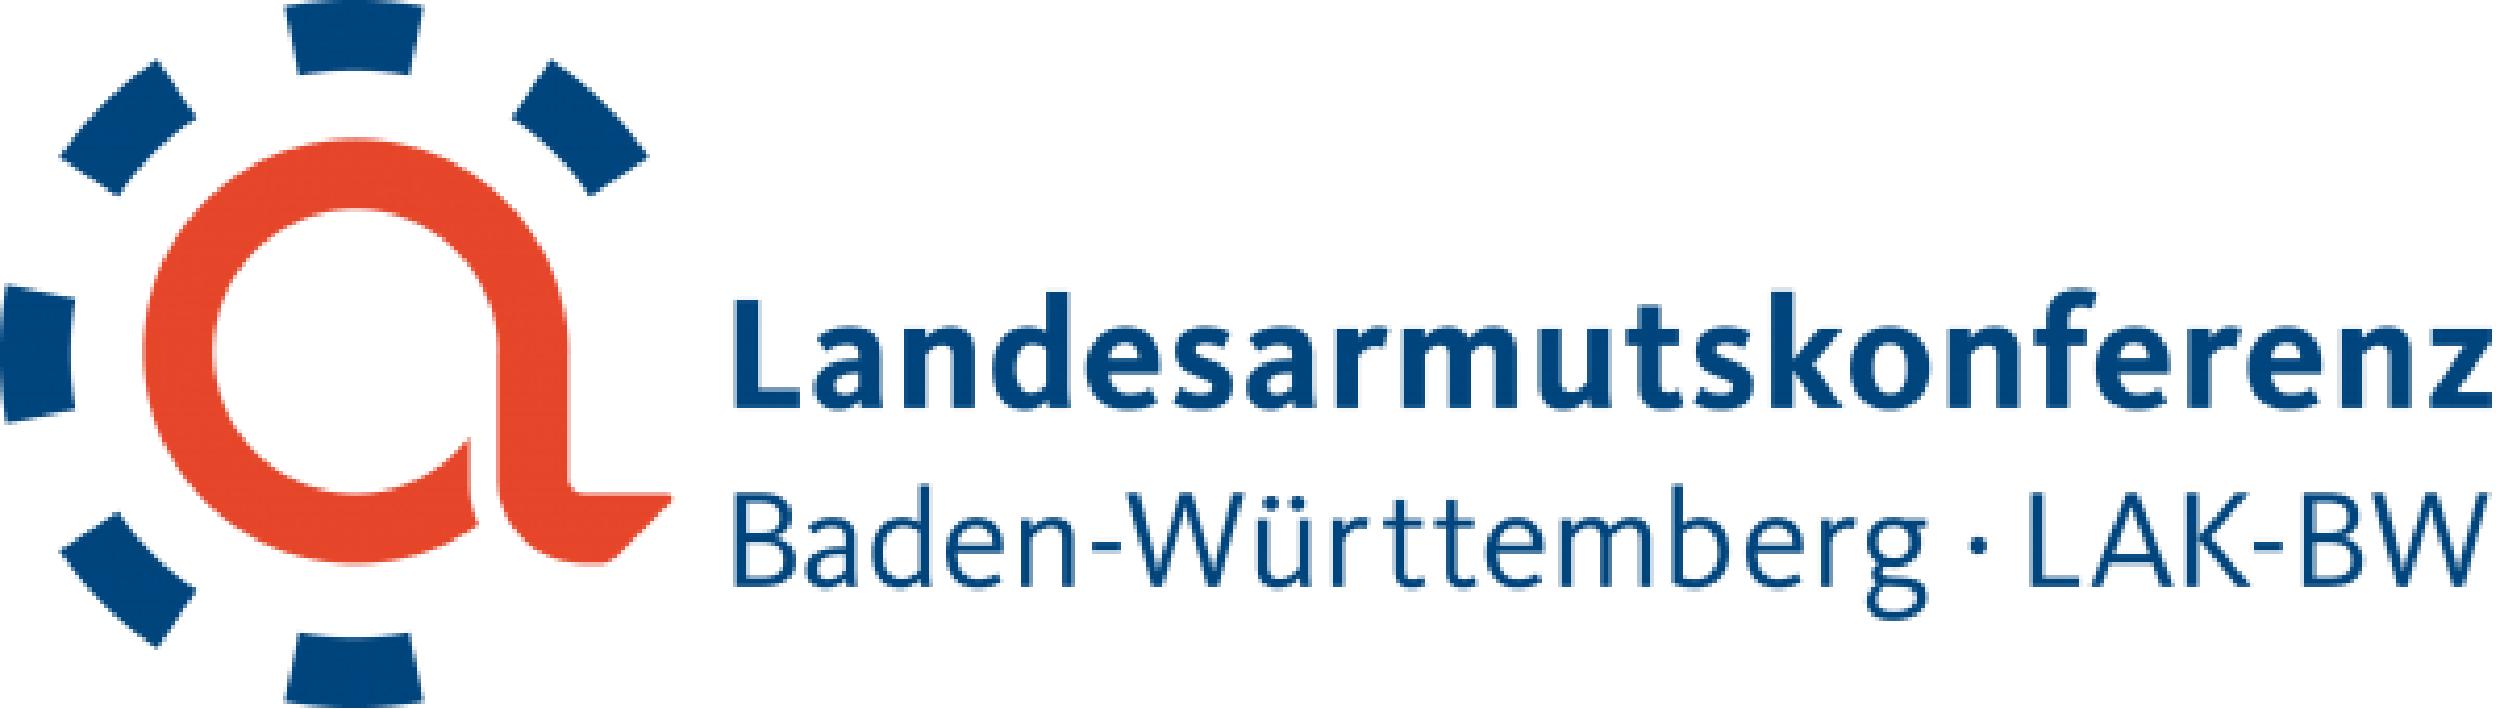 Landesarmutskonferenz Baden-Württemberg